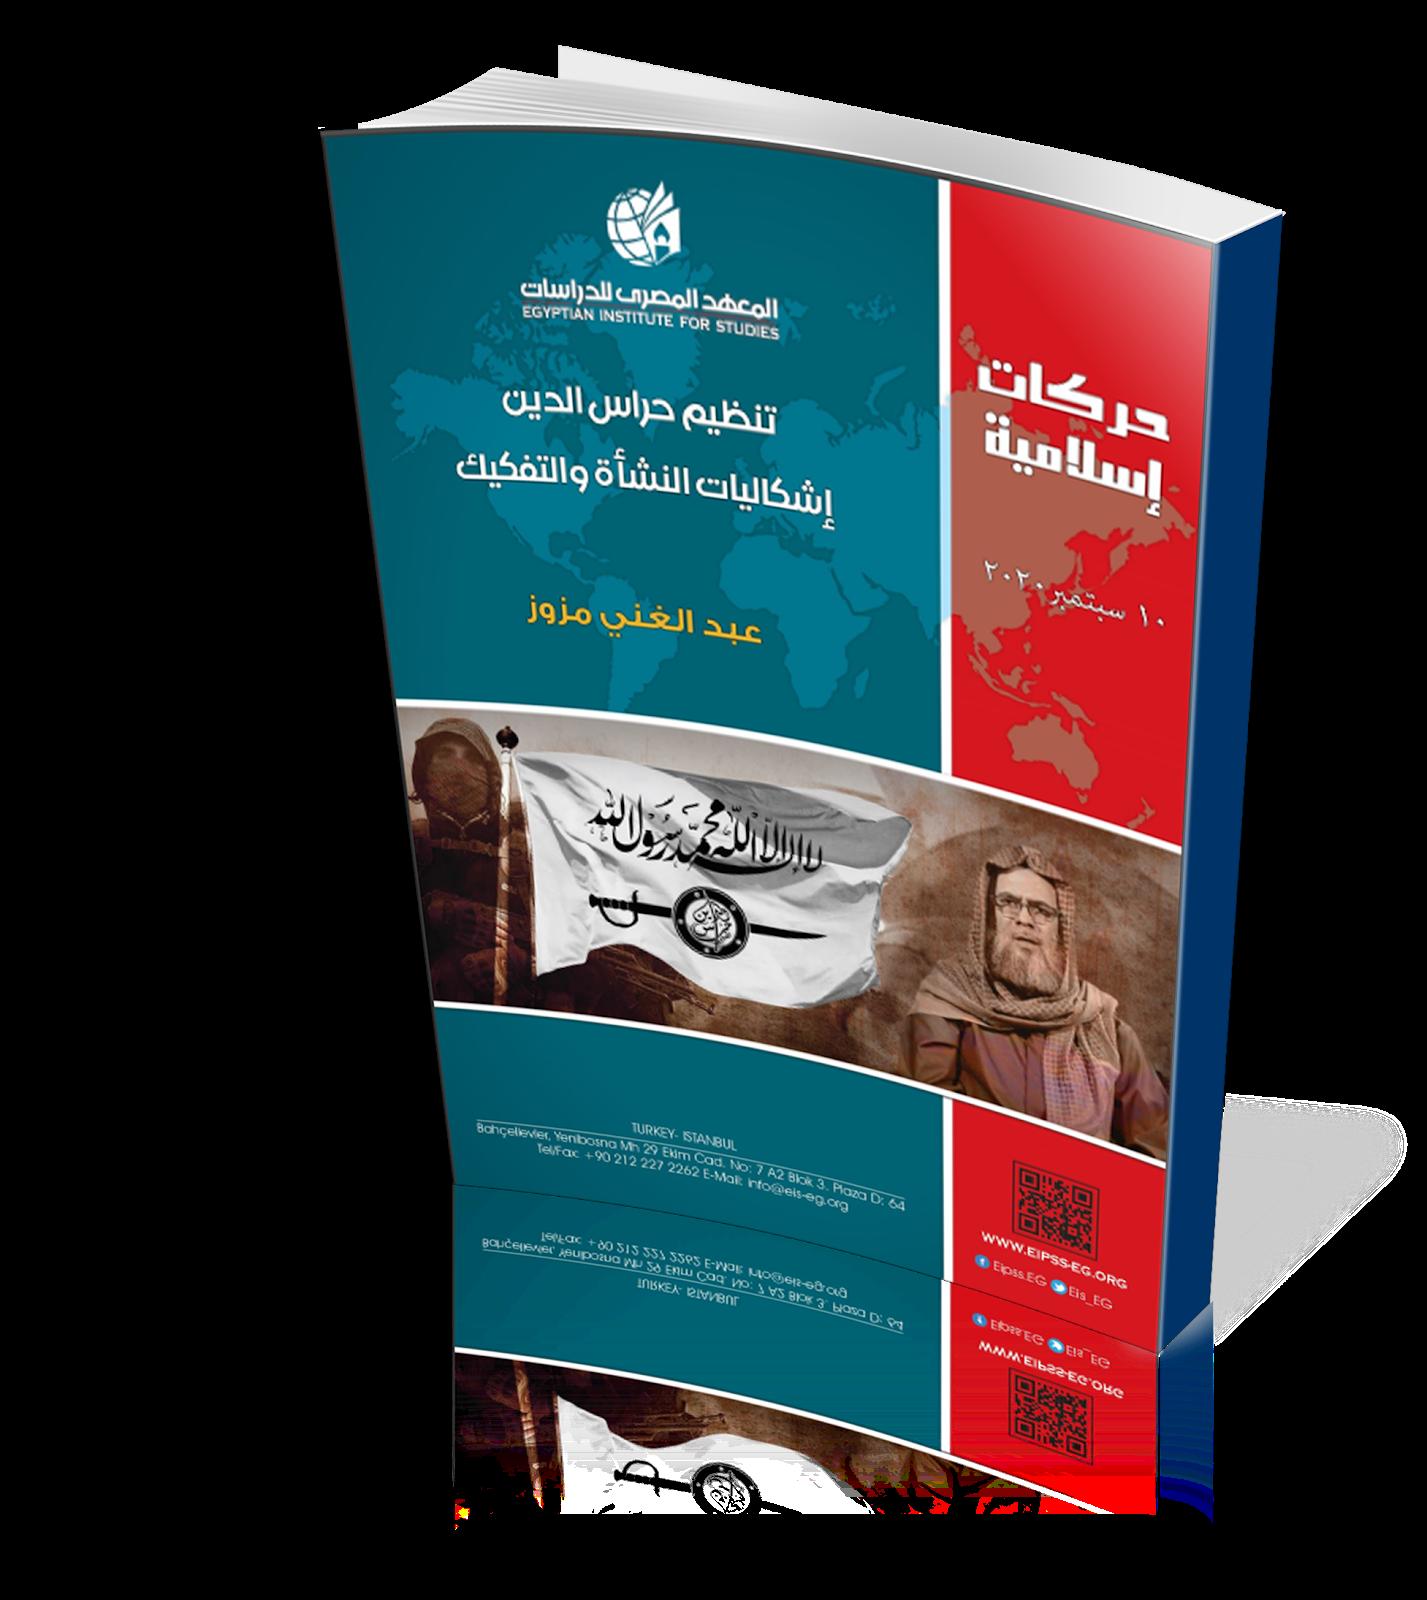 دراسة شاملة  حول: تنظيم حراس الدين